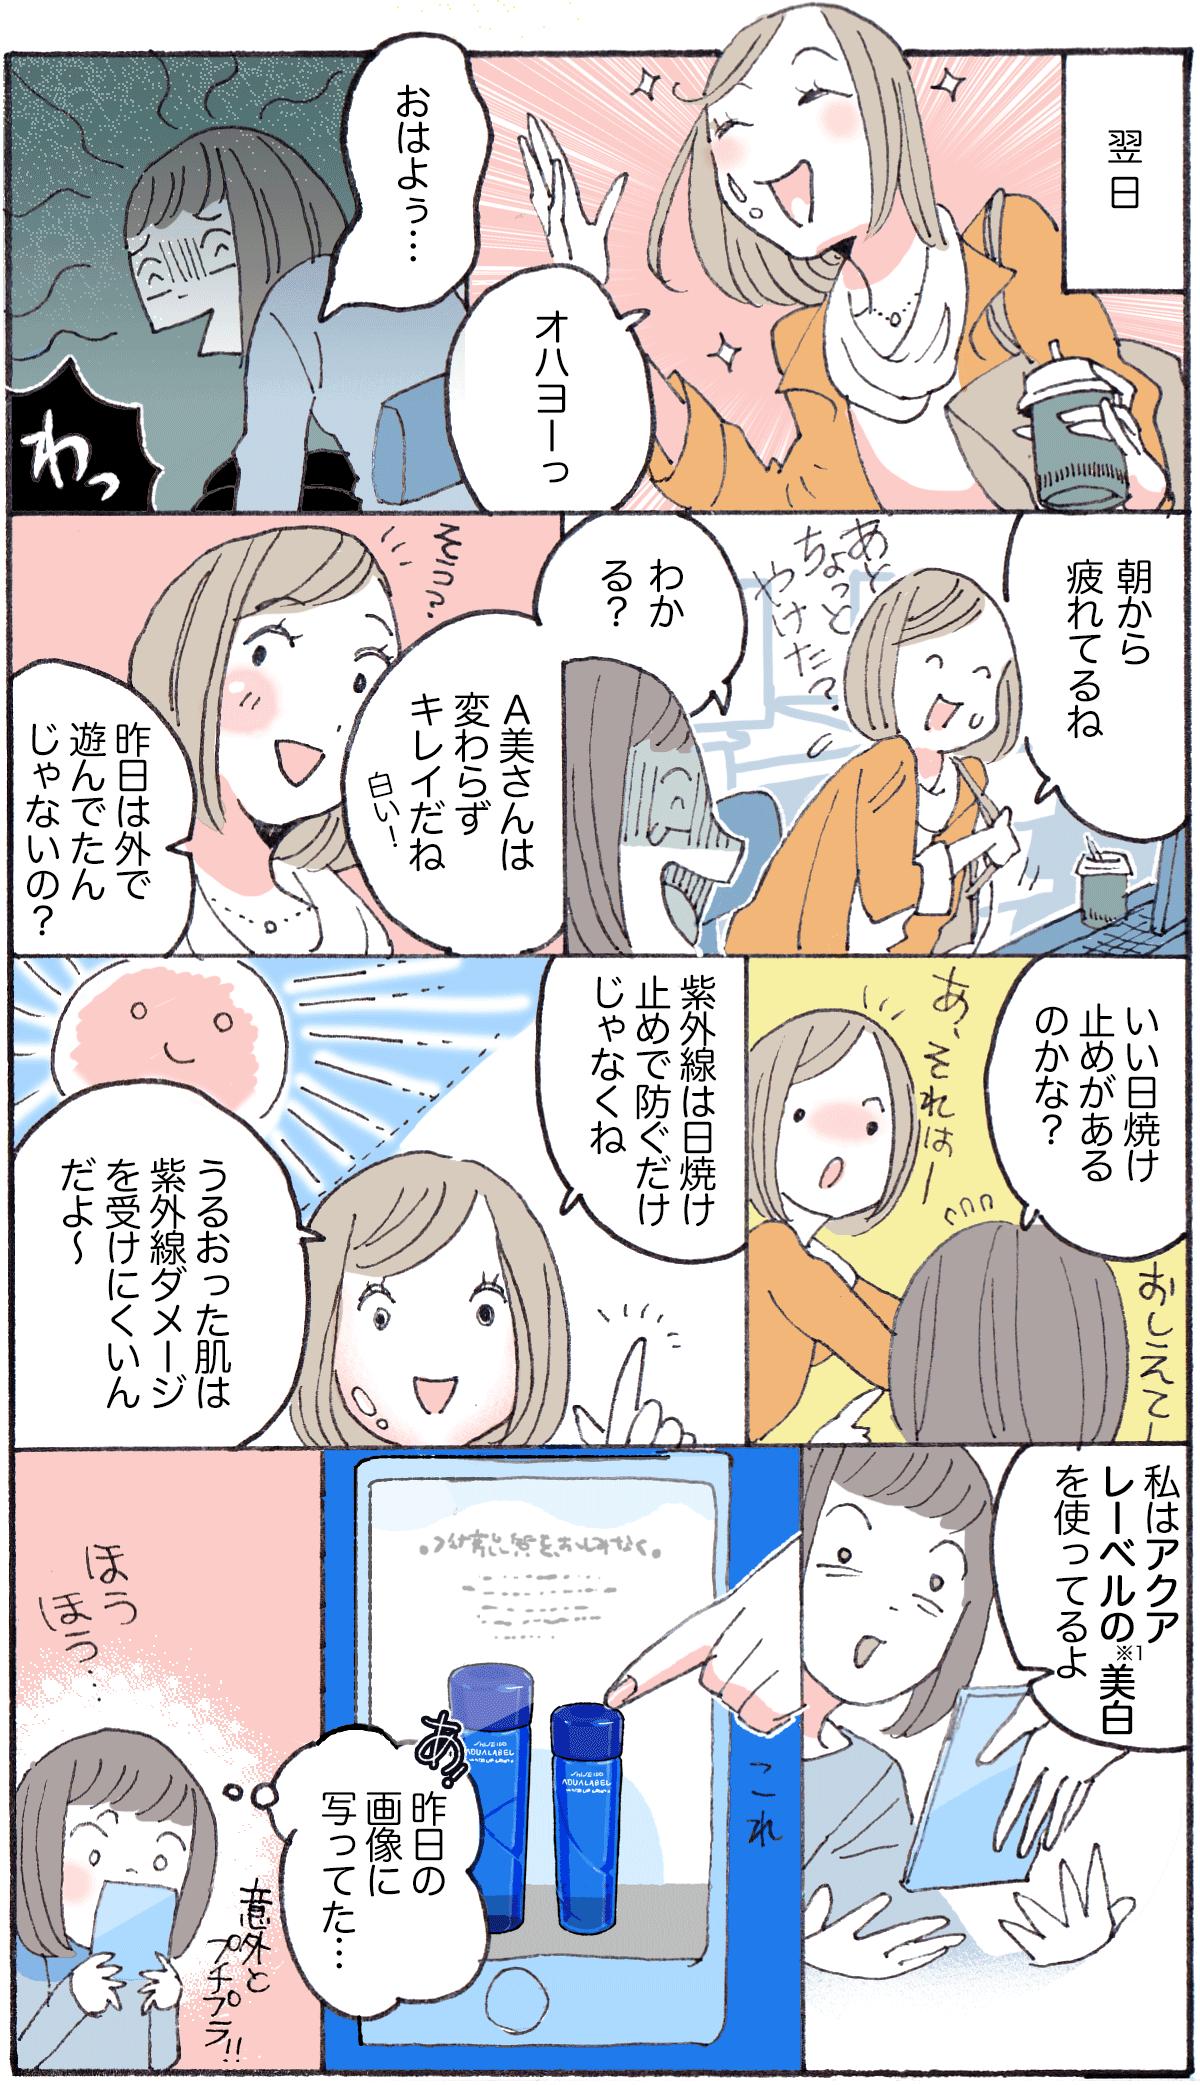 17_04_mamastar_Mstory05e